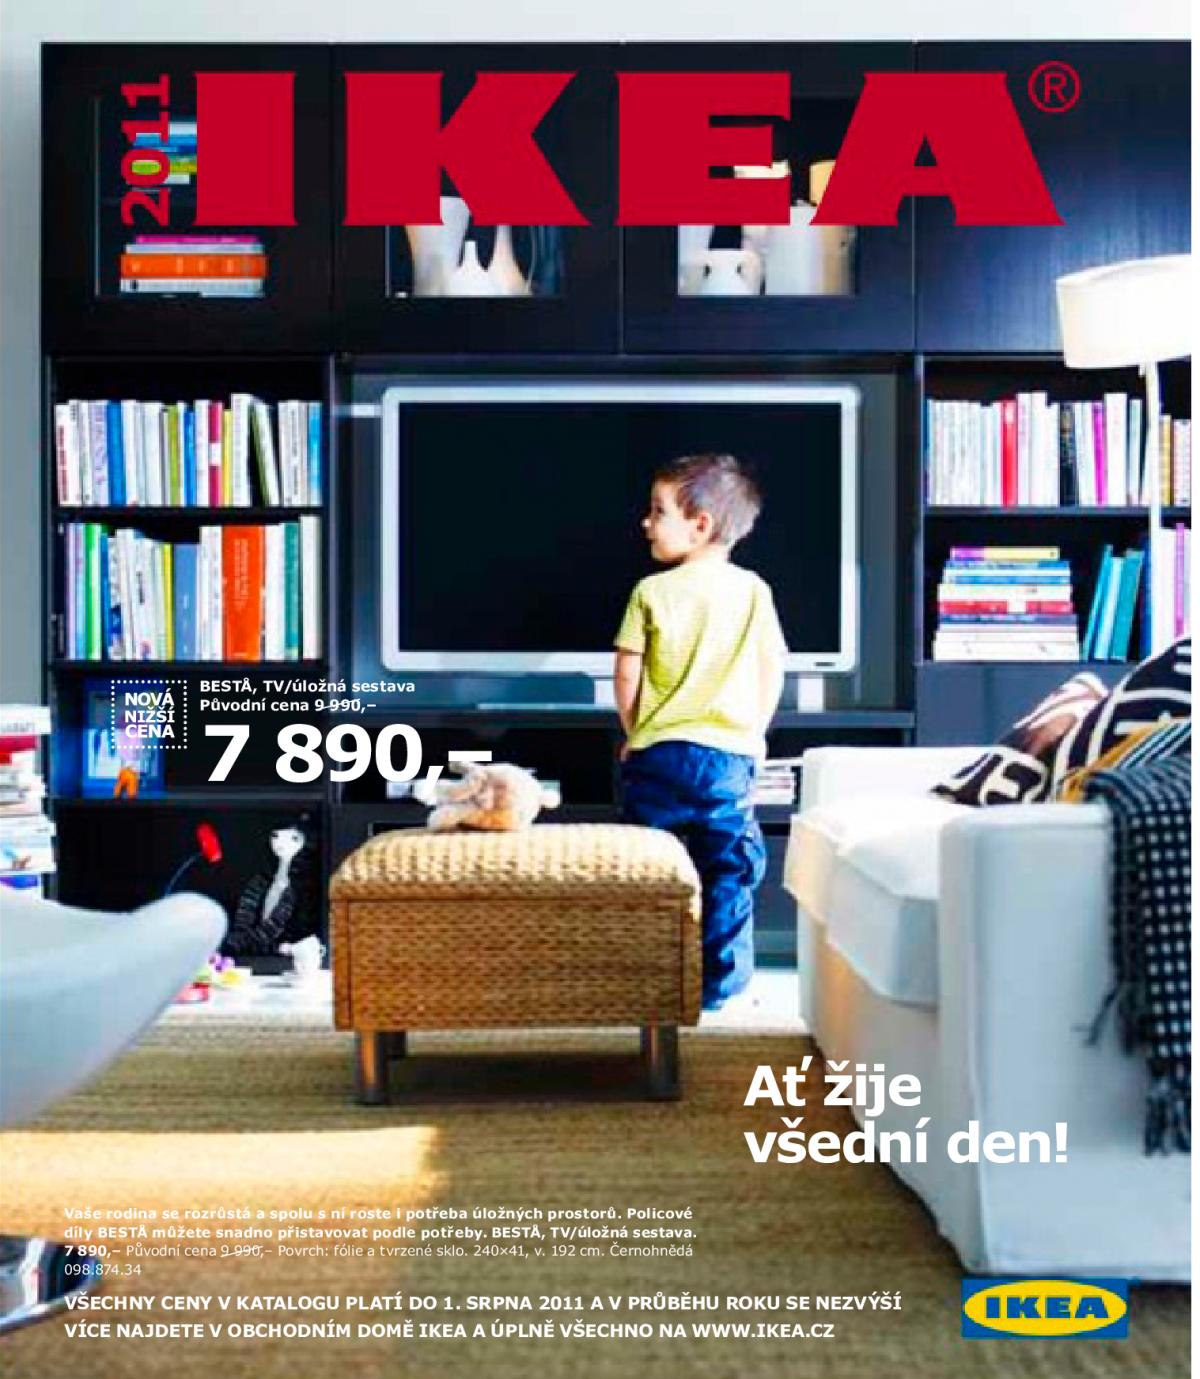 Přední strana katalogu Ikea pro rok 2011